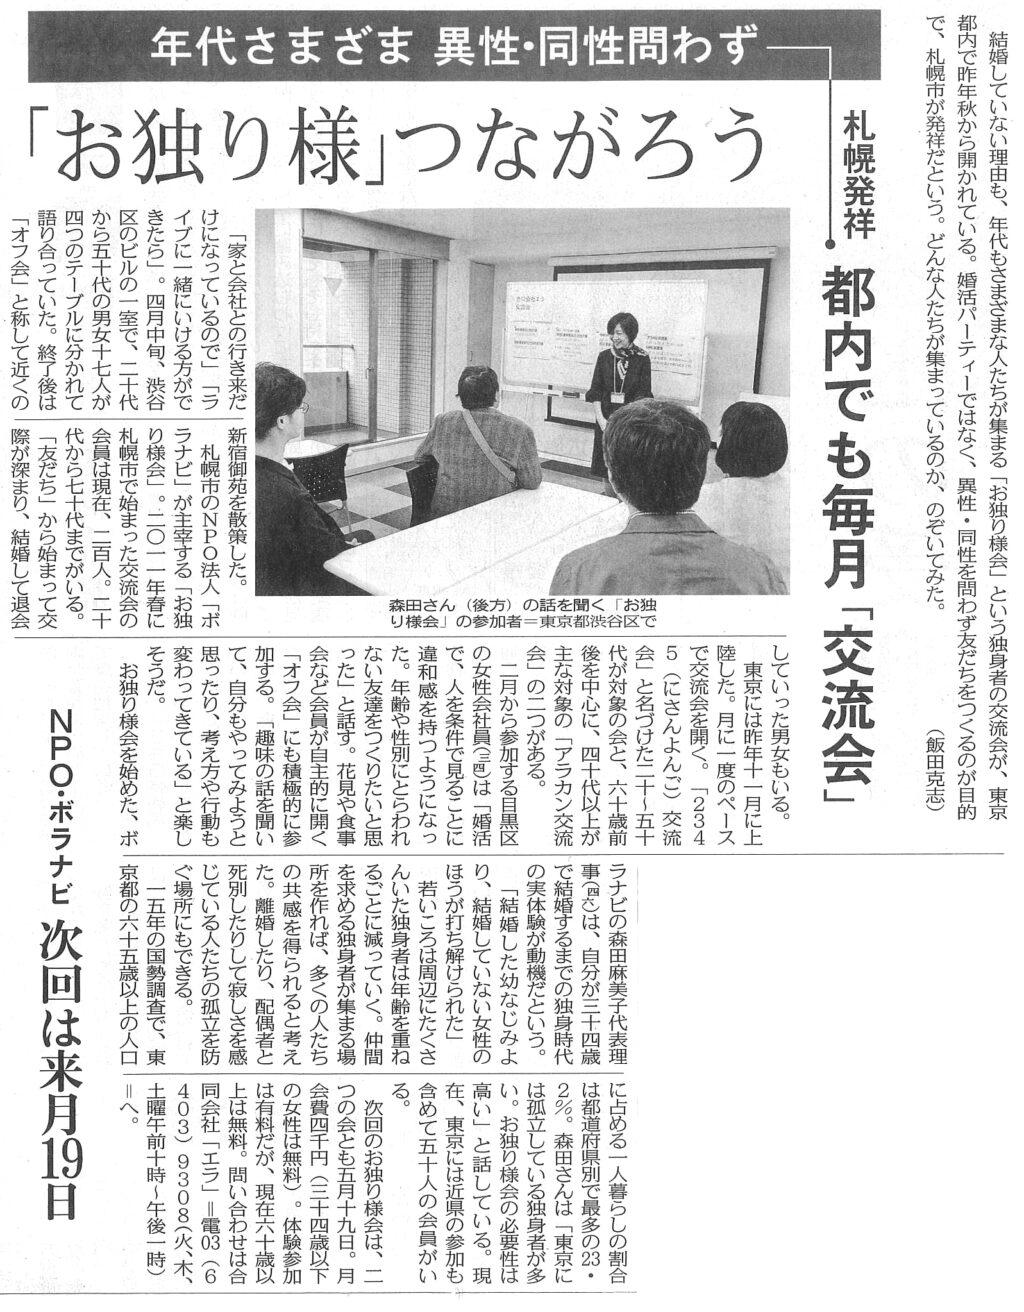 2018年4月21日 東京新聞